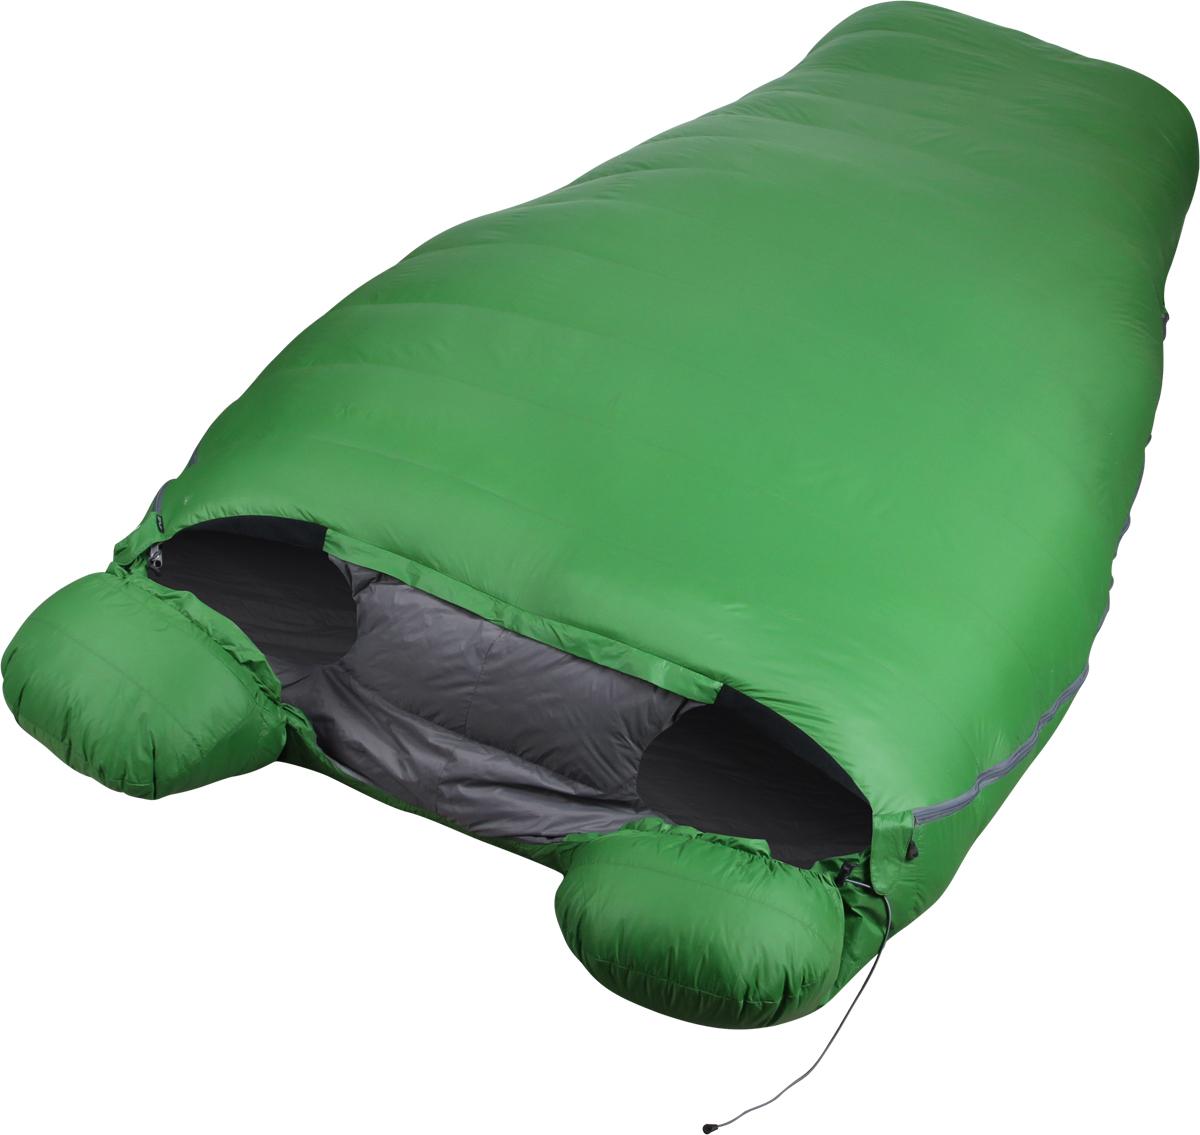 Мешок спальный Сплав Tandem Comfort, двухместный, цвет: зеленый, 230 x 120 x 73 см4507850Сплав Tandem Comfort - Лёгкий тёплый комфортный двухместный пуховой спальный мешок с тёплыми швами.Несмотря на то, что идея этого спального мешка пришла из стиля light&fast, он непременно найдёт применение в самых разных ситуациях и спортивных направлениях благодаря совокупности своих выдающихся эксплуатационных характеристик. Tandem Comfort – это идеальное решение для тех, кто ищет возможность существенного снижения веса своего бивачного снаряжения без ущерба комфорту для двоих. Конструкция спального мешка позволяет двум обитателям пользоваться температурным преимуществом совместного размещения в одном спальнике, сохраняя при этом эффективную теплоизоляцию, обеспечиваемую индивидуальными регулируемыми капюшонами и тёплым воротником сложной формы, полностью перекрывающим пространство между обитателями. Молнии с обеих сторон спальника позволяют покинуть мешок и вернуться в него, не беспокоя соседа.Тип конструкции: кокон.Тёплые швы.Молнии разъёмные двухзамковые с внутренними объёмными тёплыми планками расположены с двух боков спальника.Шейный пакет сложной формы, полностью перекрывающий свободное пространство между обитателями, практически исключает поступление холодного воздуха в спальный мешок между людьми. Может быть отстёгнут от верхней части при необходимости.Индивидуальные капюшоны с независимыми регулировками шнуром.Анатомическая форма мешка в районе ступней.Увеличенная норма набивки секций в районе ступней.Два внутренних кармана на молнии.Петли для просушки.Упаковка: компрессионный мешок в комплекте.Материалы:Ткань верха: 100% нейлон 20D, 35 г/м2, Ripstop, DWR.Подкладка: 100% нейлон 20D, 36 г/м2, DWR.Утеплитель: Высококачественный серый гусиный пух Каригуз с гидрофобной обработкой Nikwax FP 680.Температурный режим (Для двух обитателей. Температуры ориентировочные, поскольку стандарт EN13537 не распространяется на двухместные спальные мешки):Комфорт: -4… -10° С.Экстрим: -29